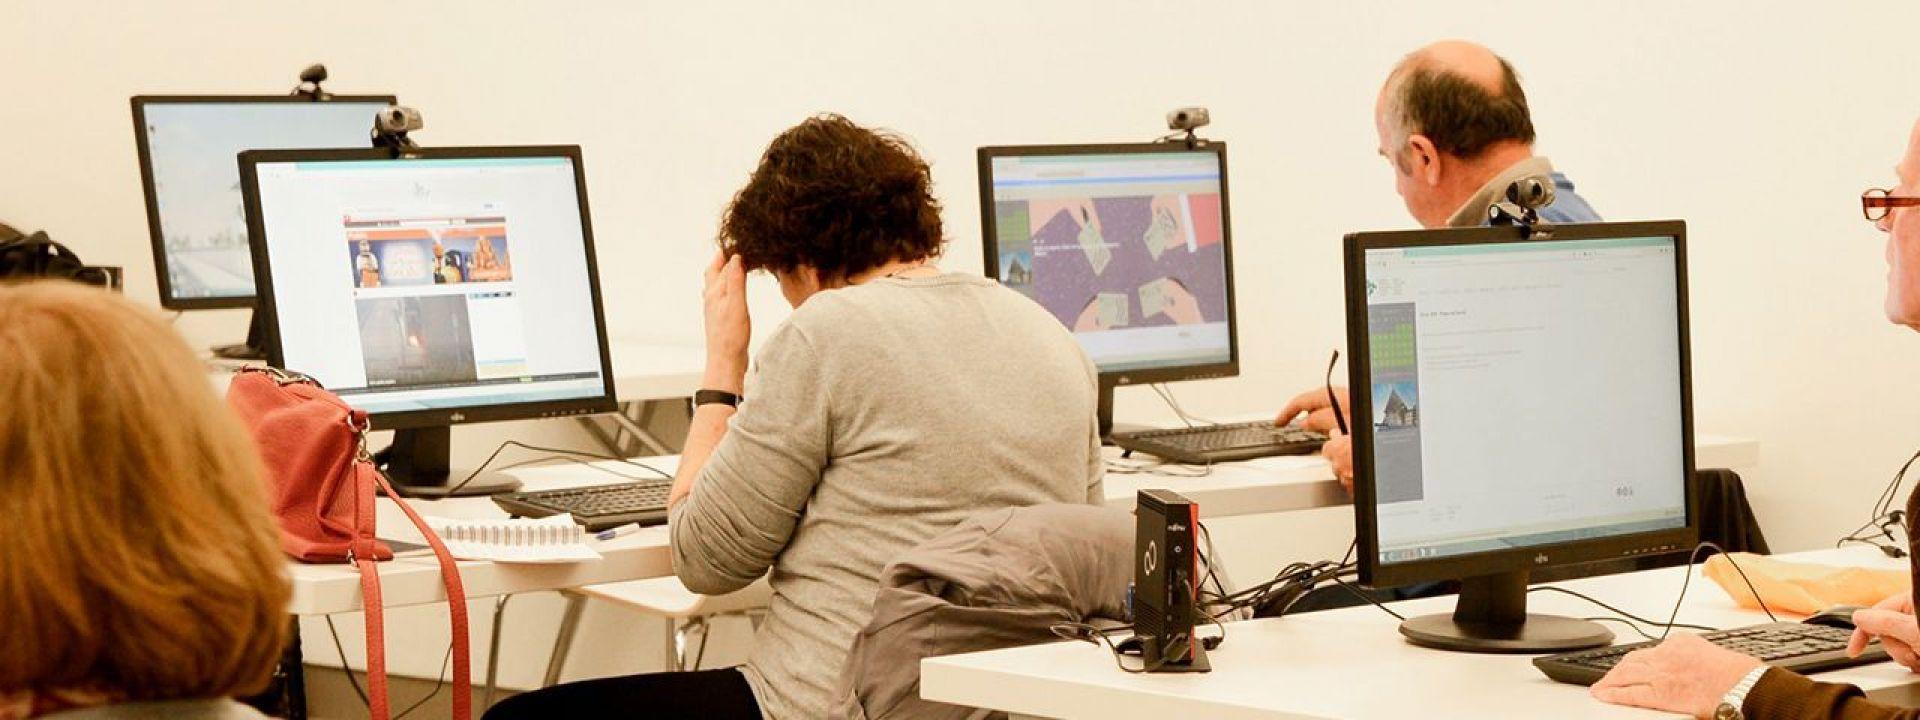 Φωτογραφία από τα Μαθήματα Υπολογιστών του ΚΠΙΣΝ